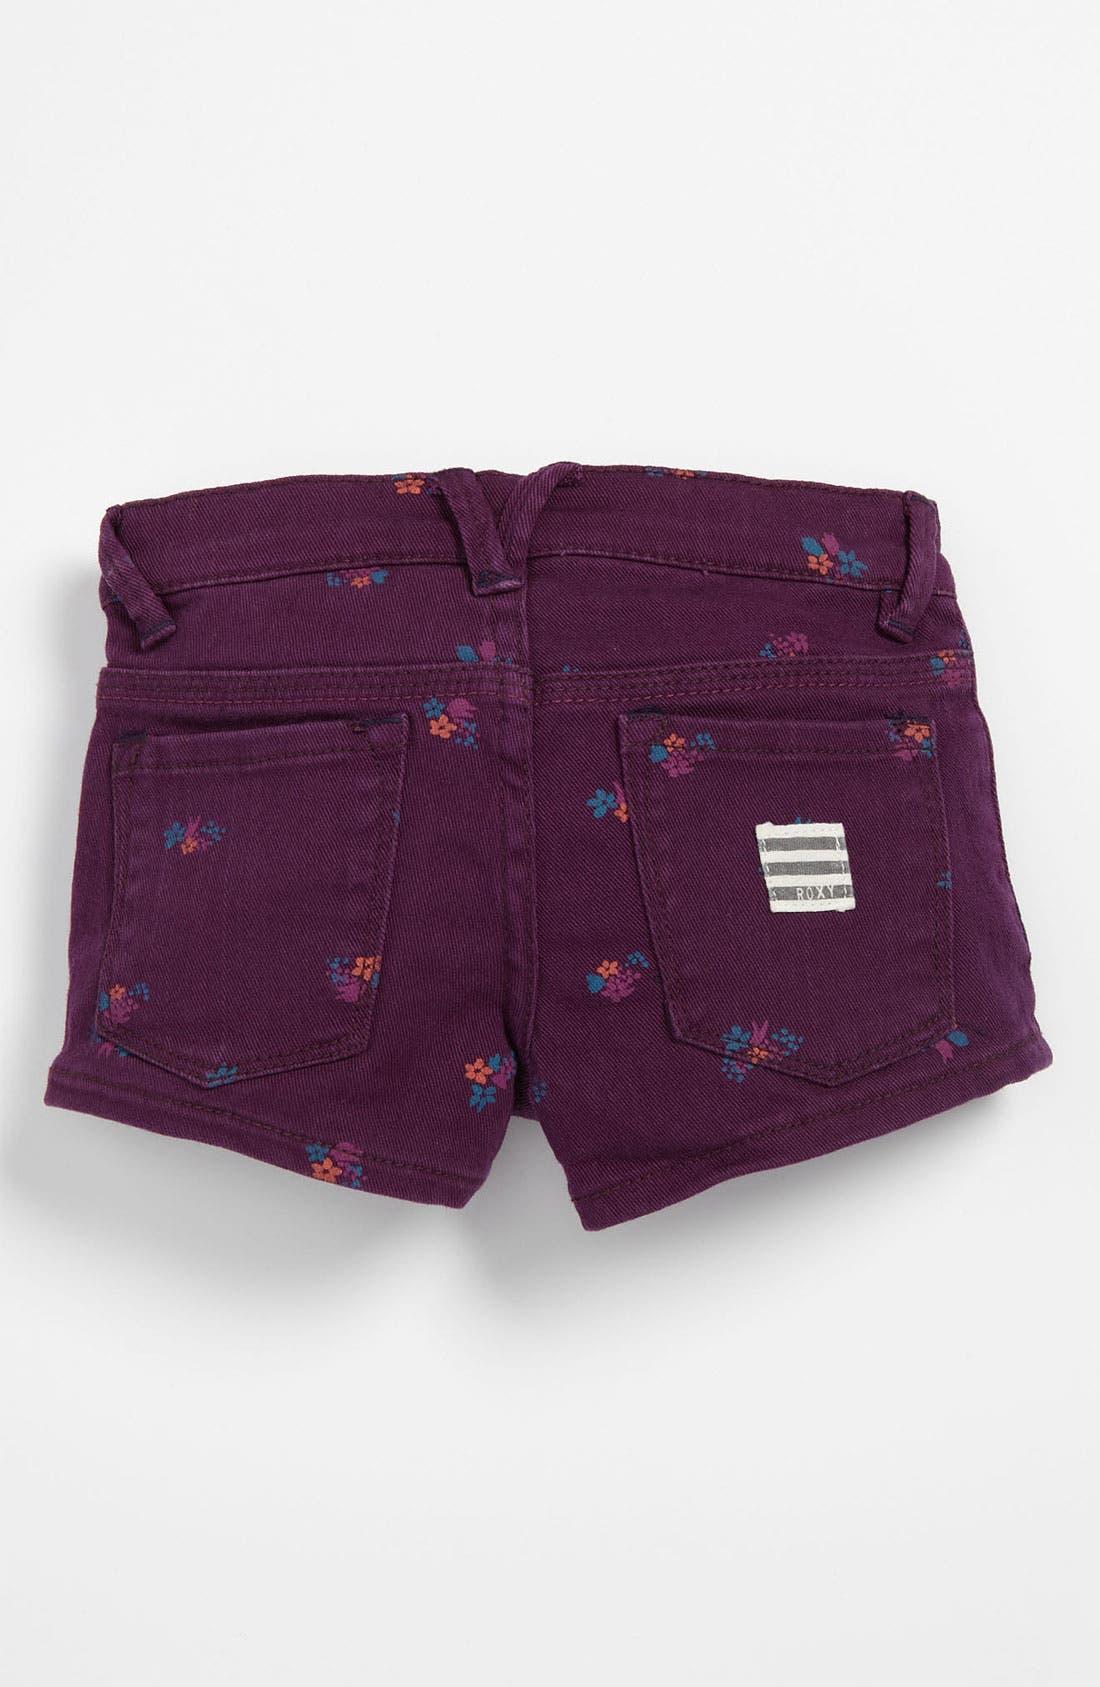 Alternate Image 1 Selected - 'Sundown' Shorts (Little Girls)